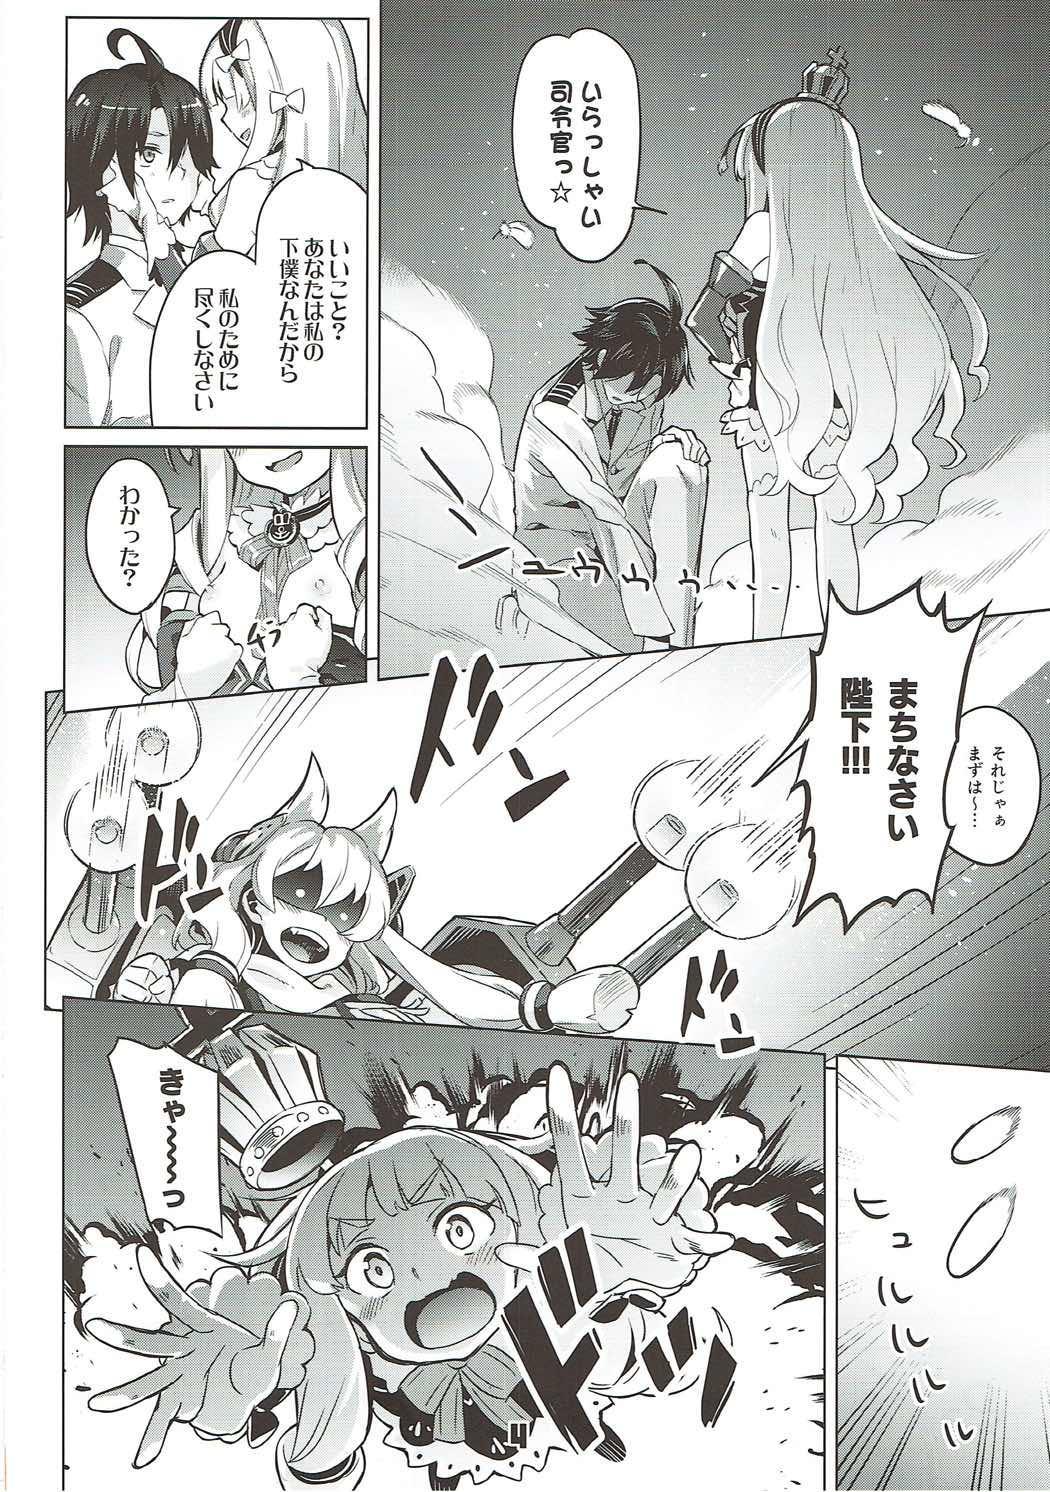 Kinpatsu Manaita no Template 2